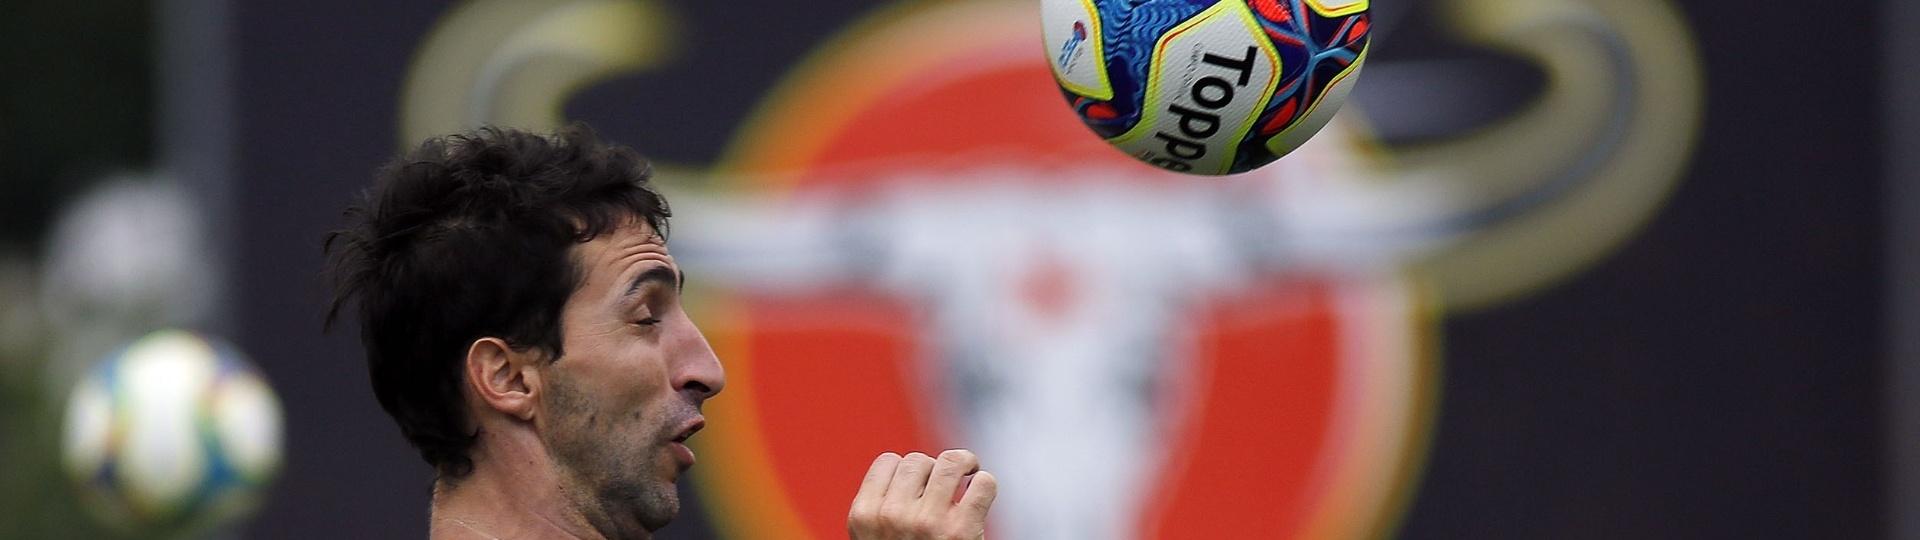 O zagueiro Alejandro Donatti conquistou espaço após longo tempo no Flamengo